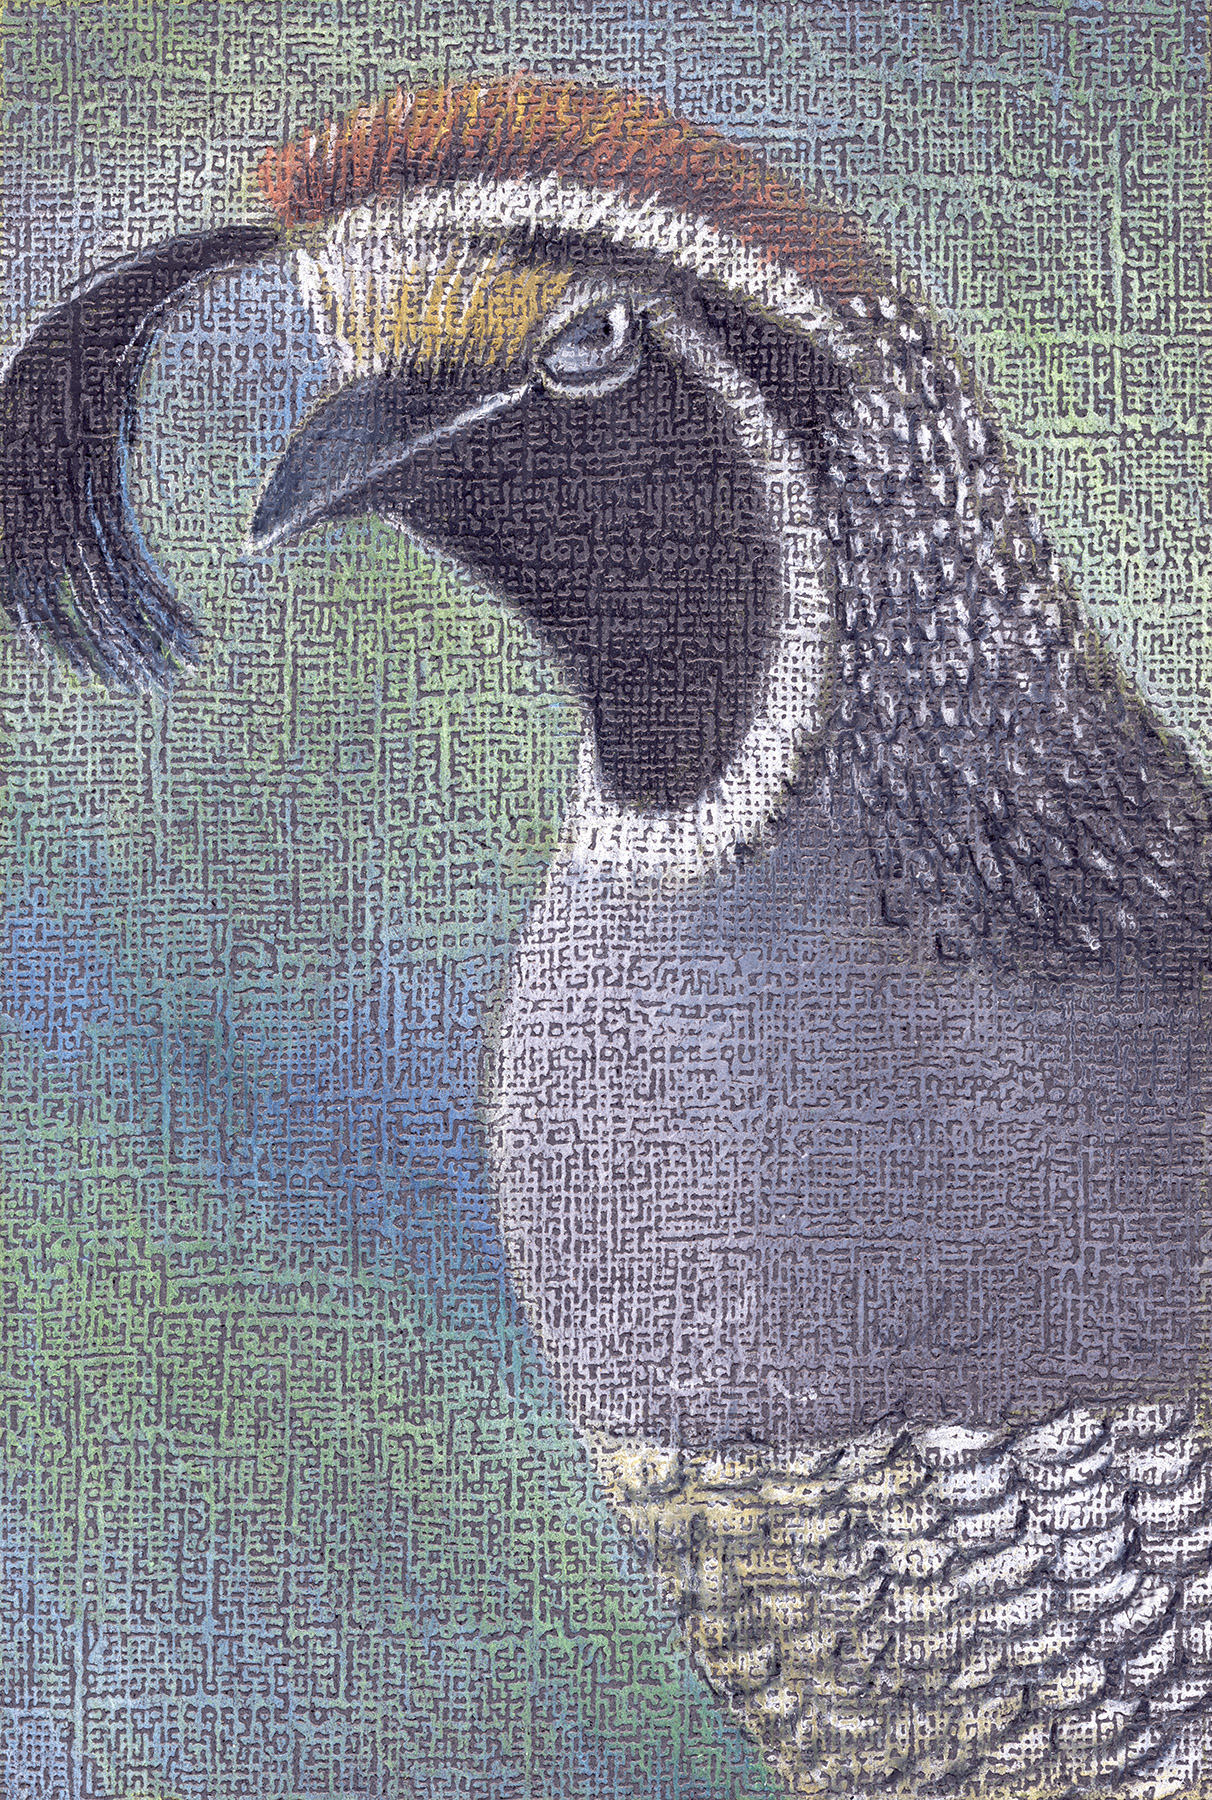 quail scan 4x6+.jpg